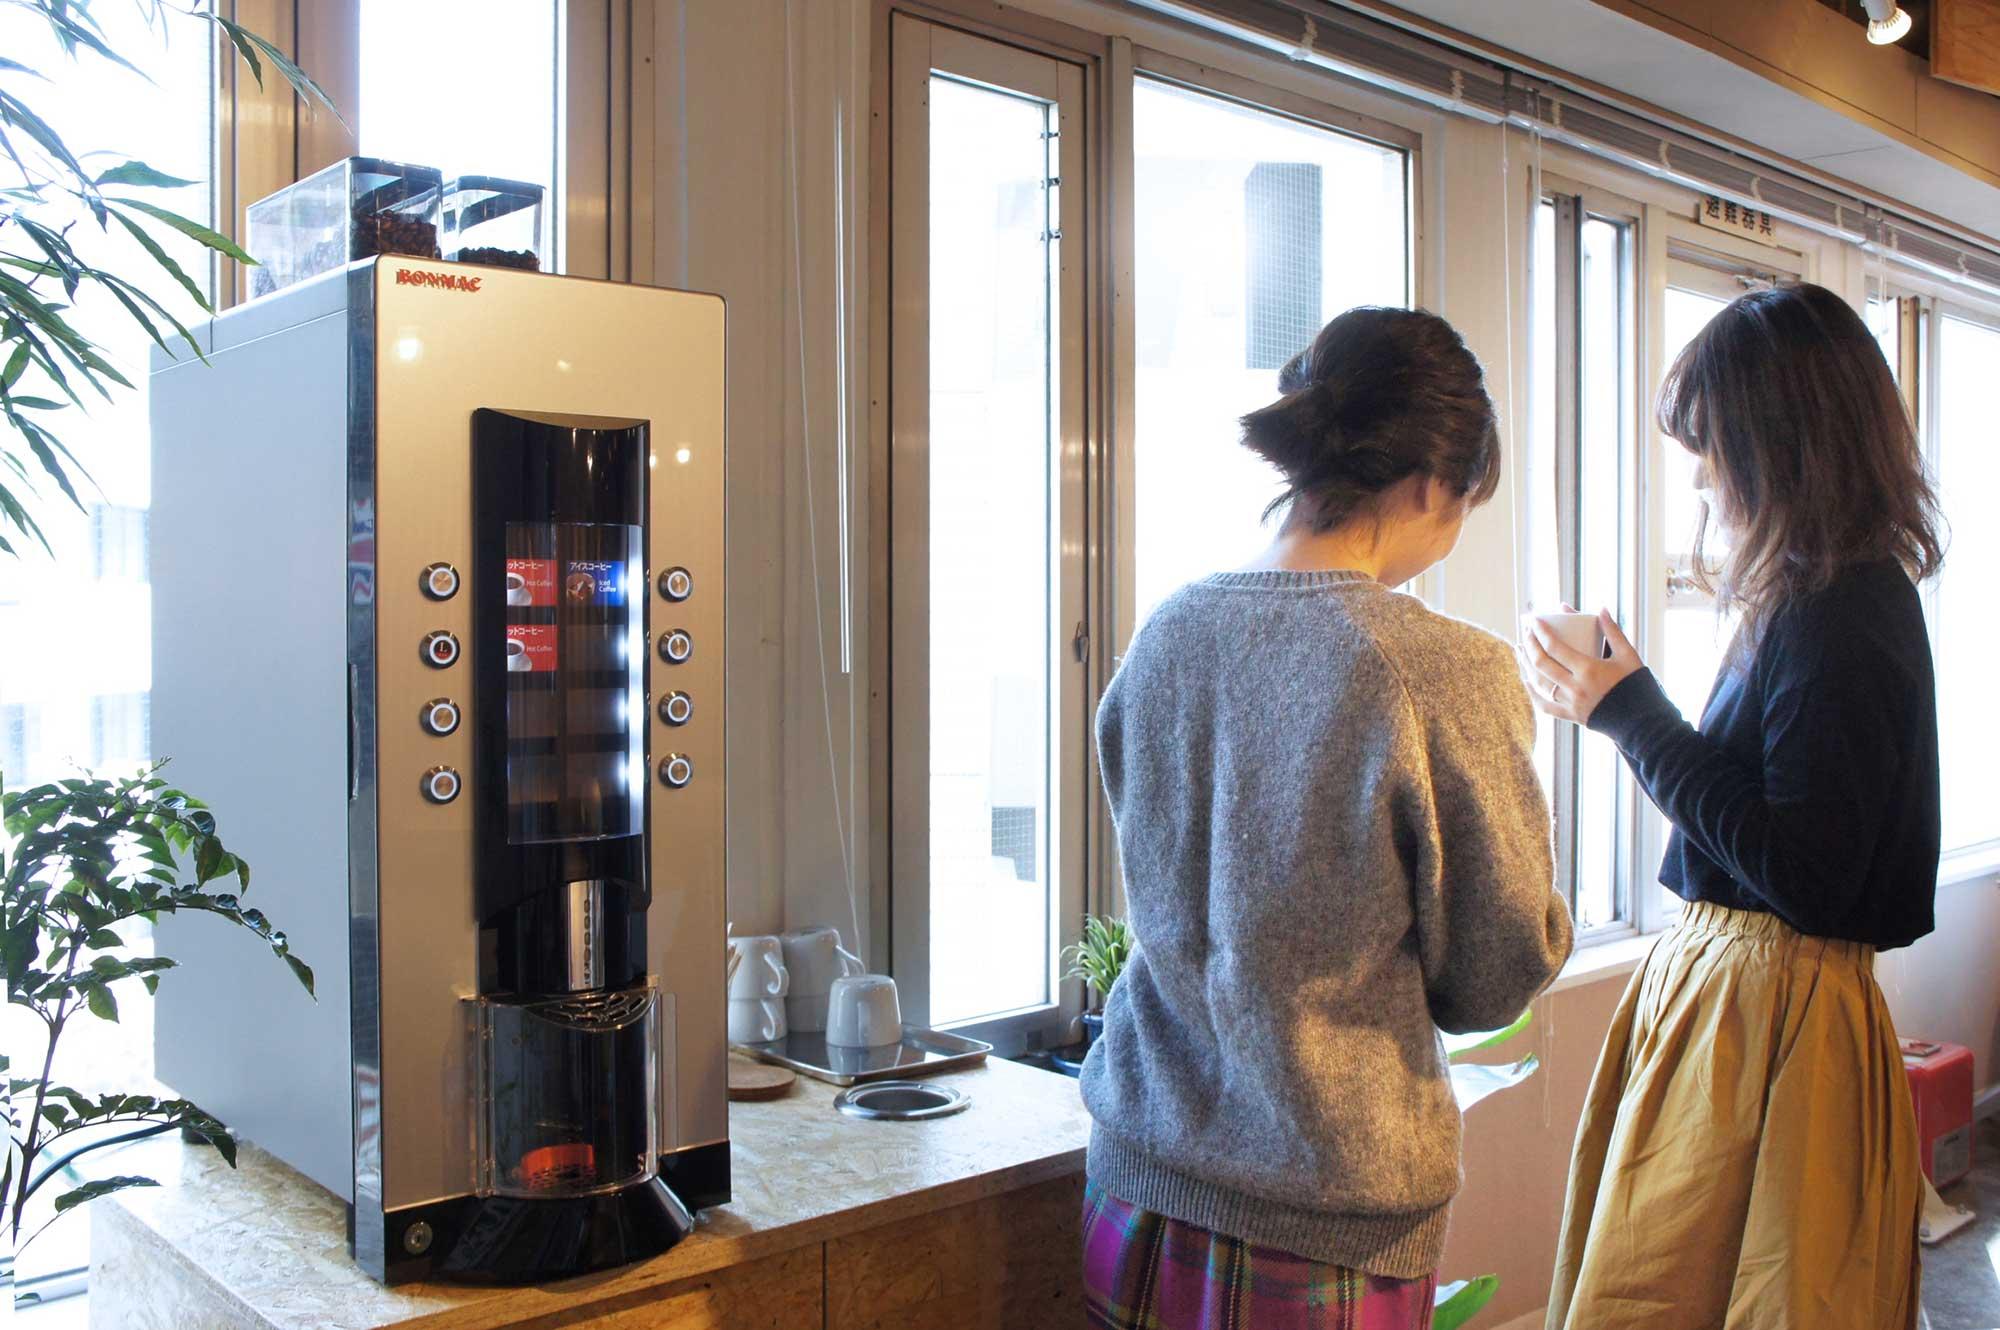 渋谷 シェアオフィス  コーヒーサービス